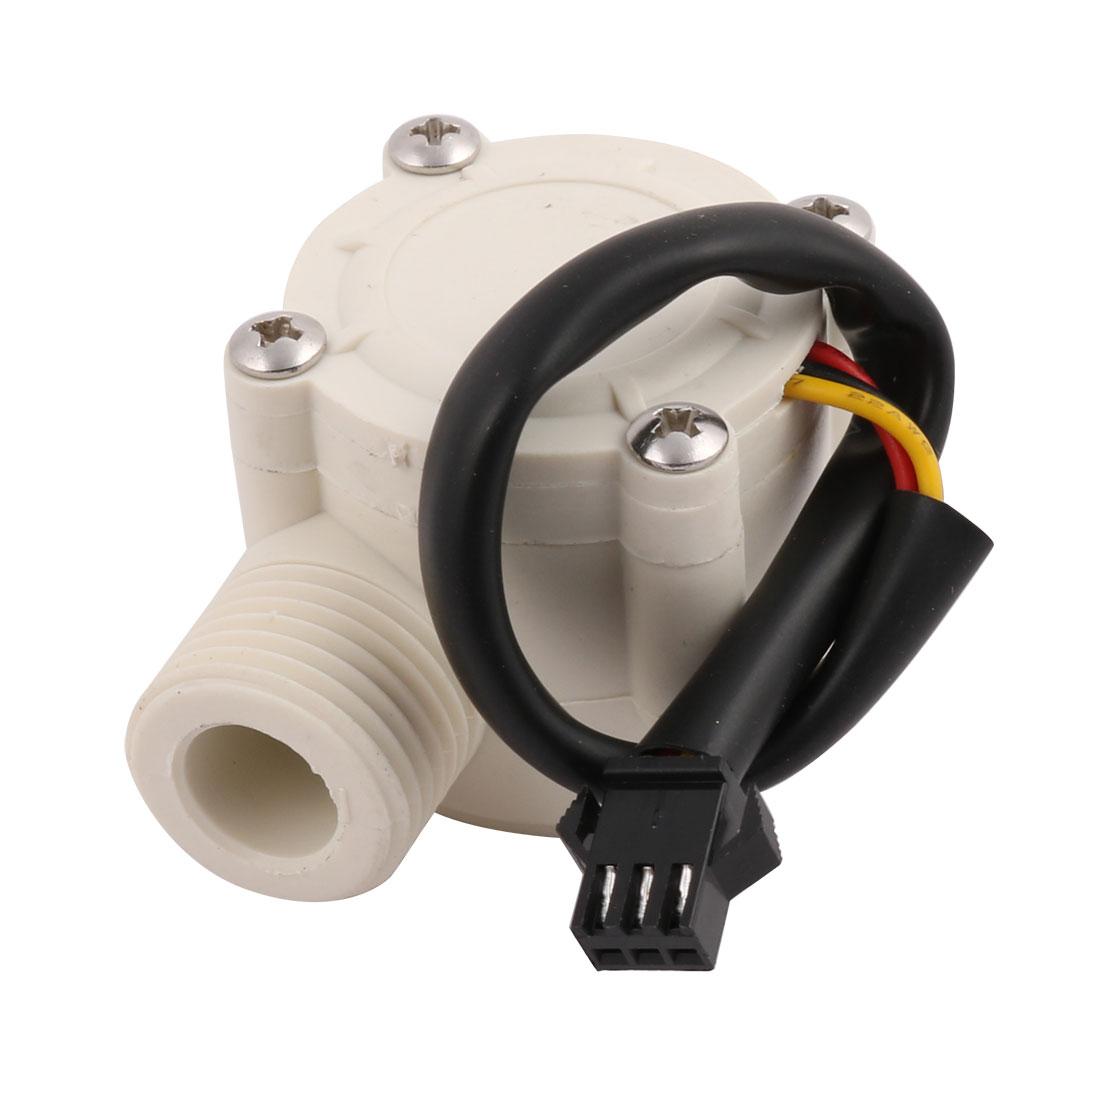 1-30L/min 0.8Mpa G1/2 Fluid Water Flow Sensor Control Hall Meter Flowmeter